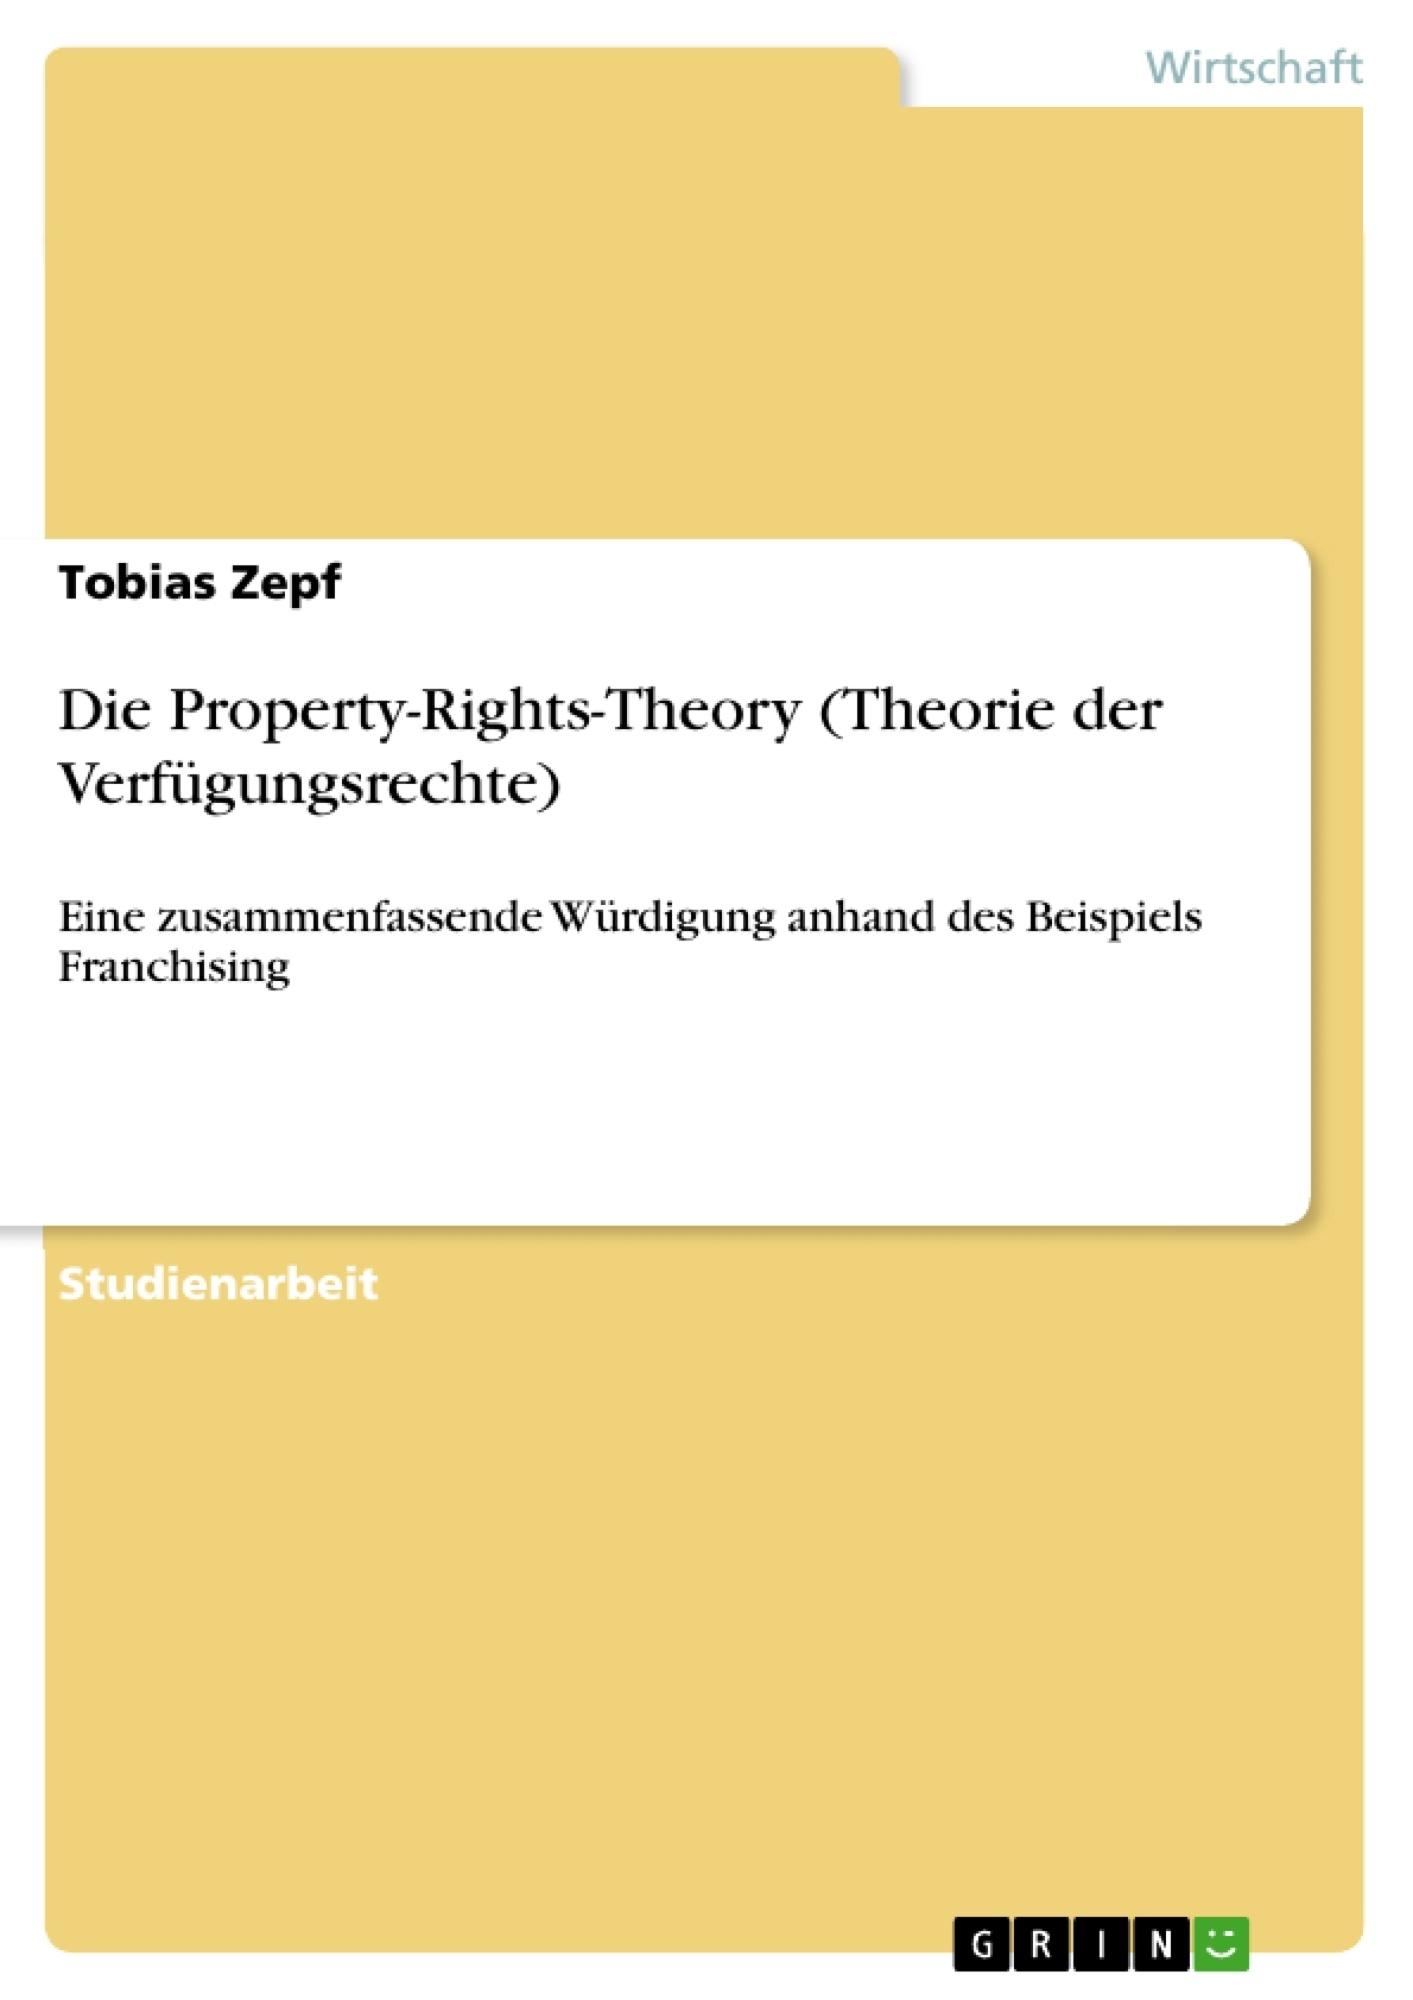 Titel: Die Property-Rights-Theory (Theorie der Verfügungsrechte)